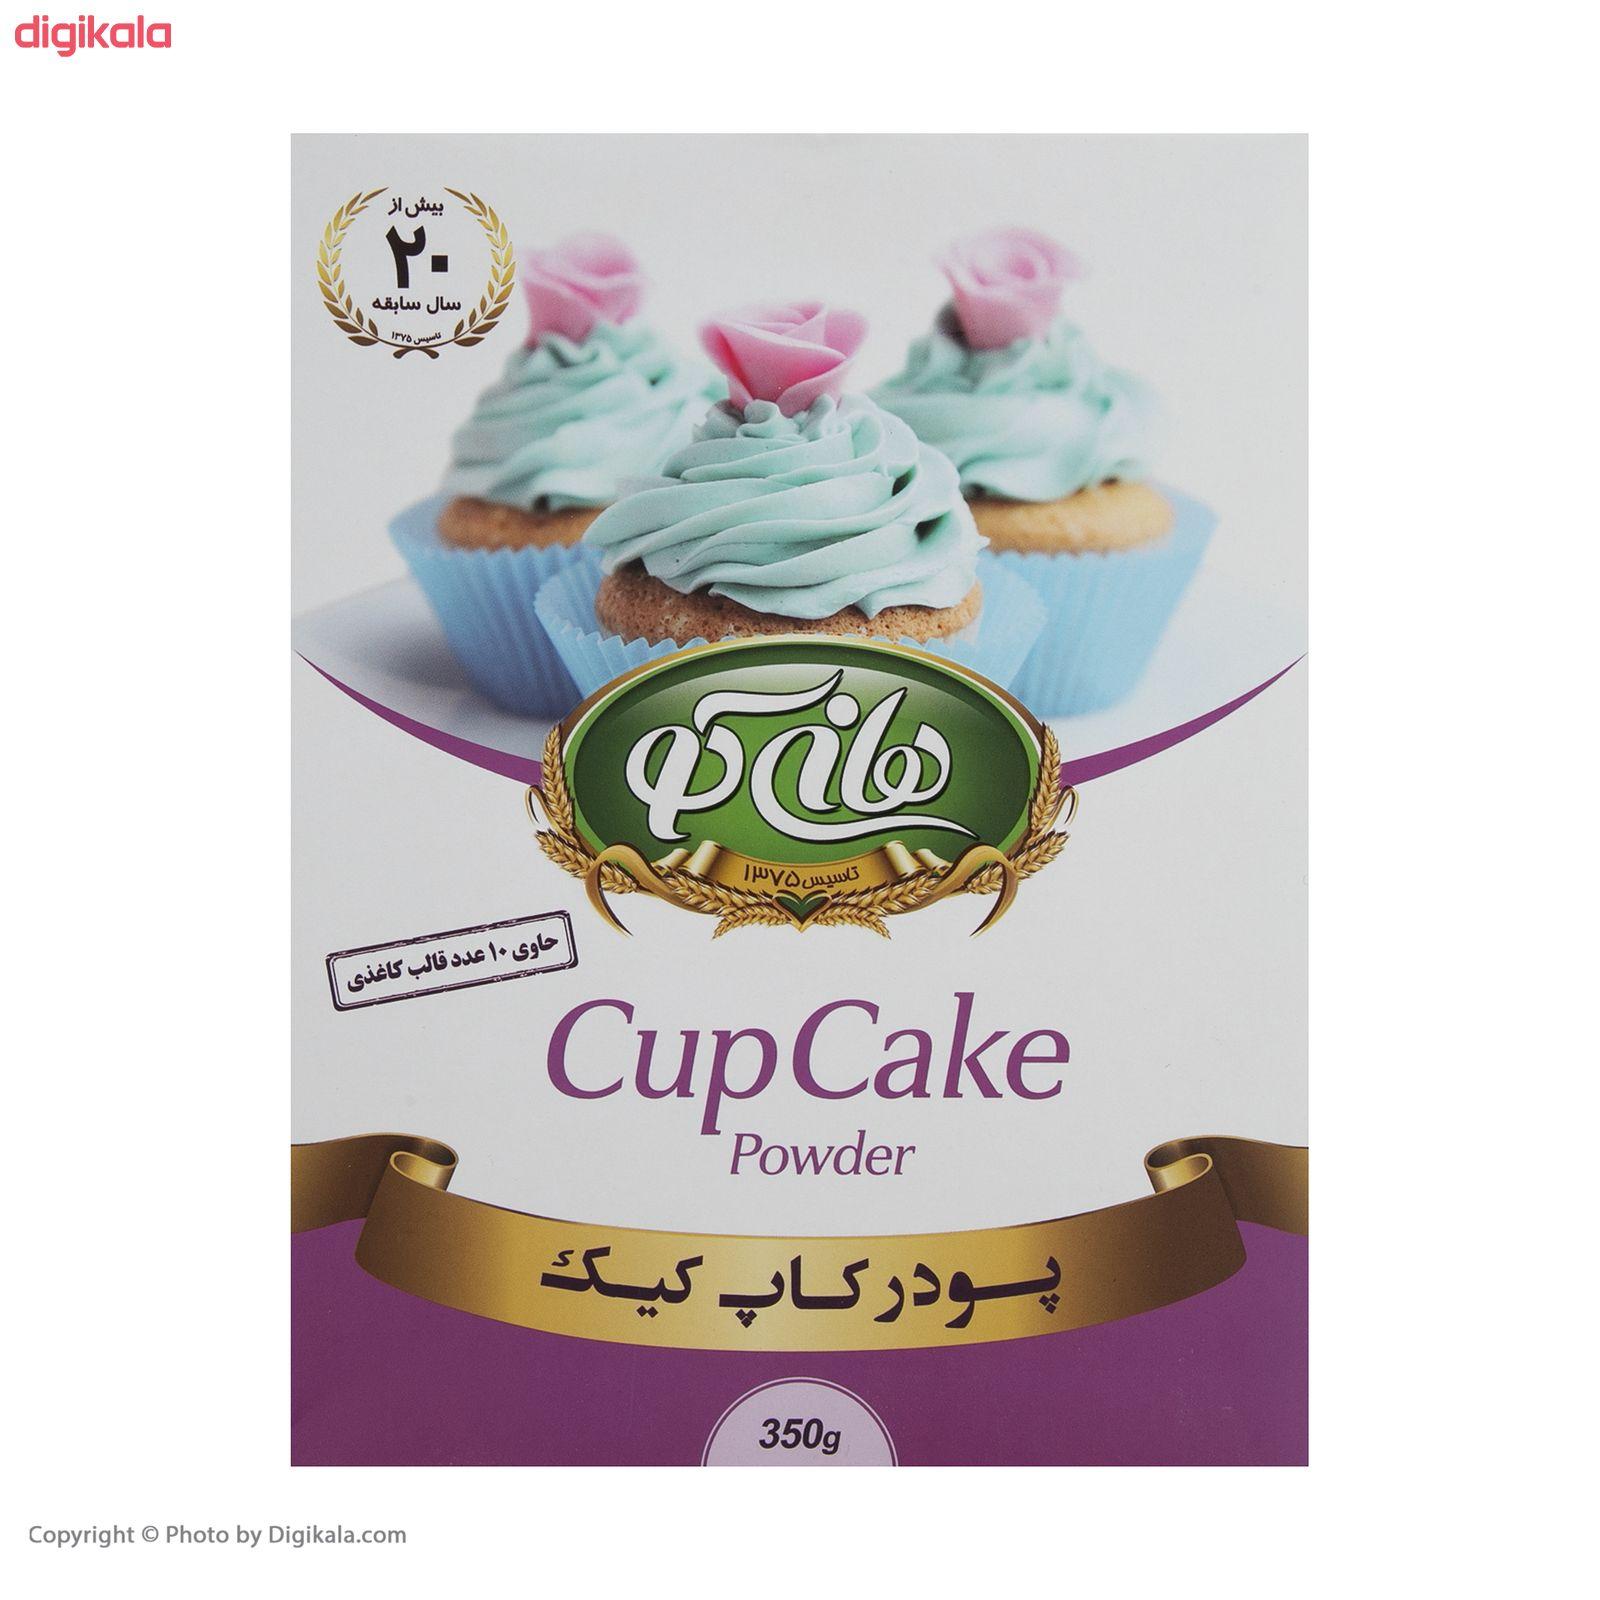 پودر کاپ کیک هانی کو - 350 گرم main 1 1